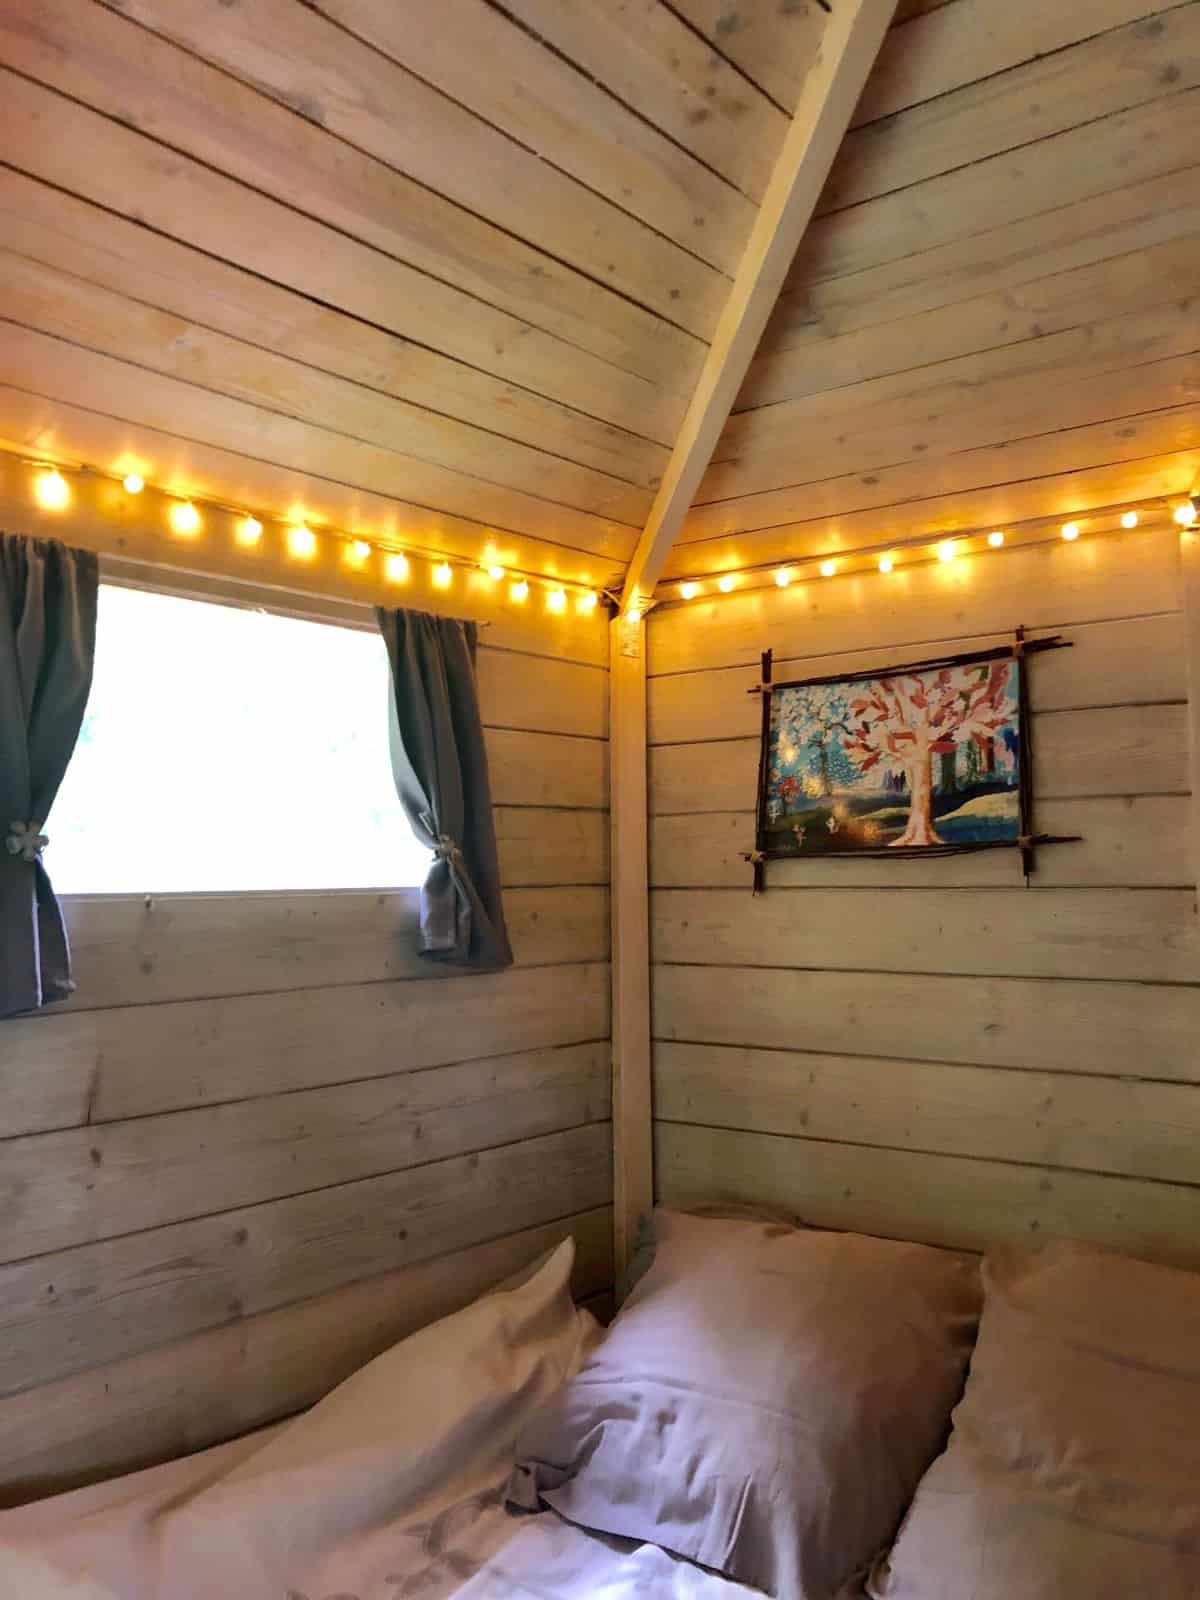 cabane-une-heure-paris-cabane-charme-lit